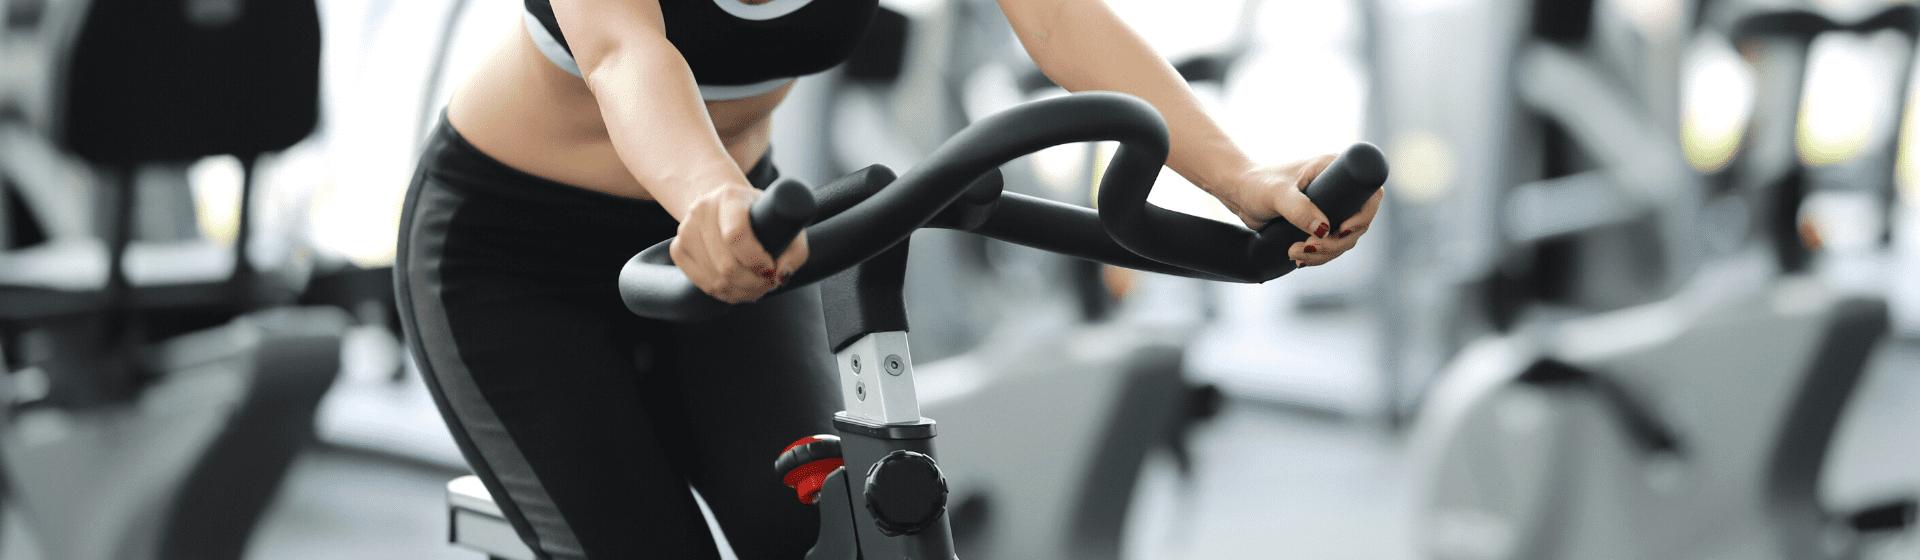 Veja as bicicletas ergométricas mais vendidas no Buscapé